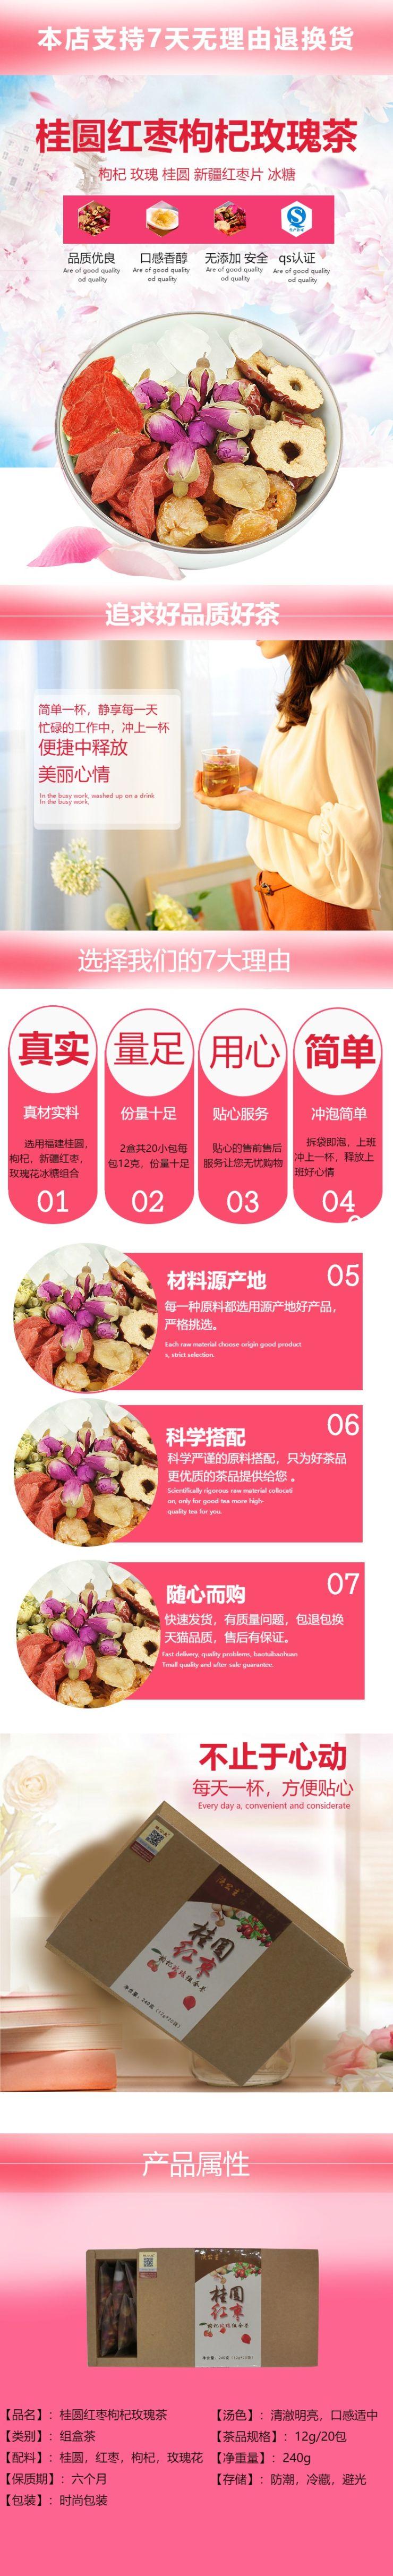 简约品质玫瑰花茶电商详情页